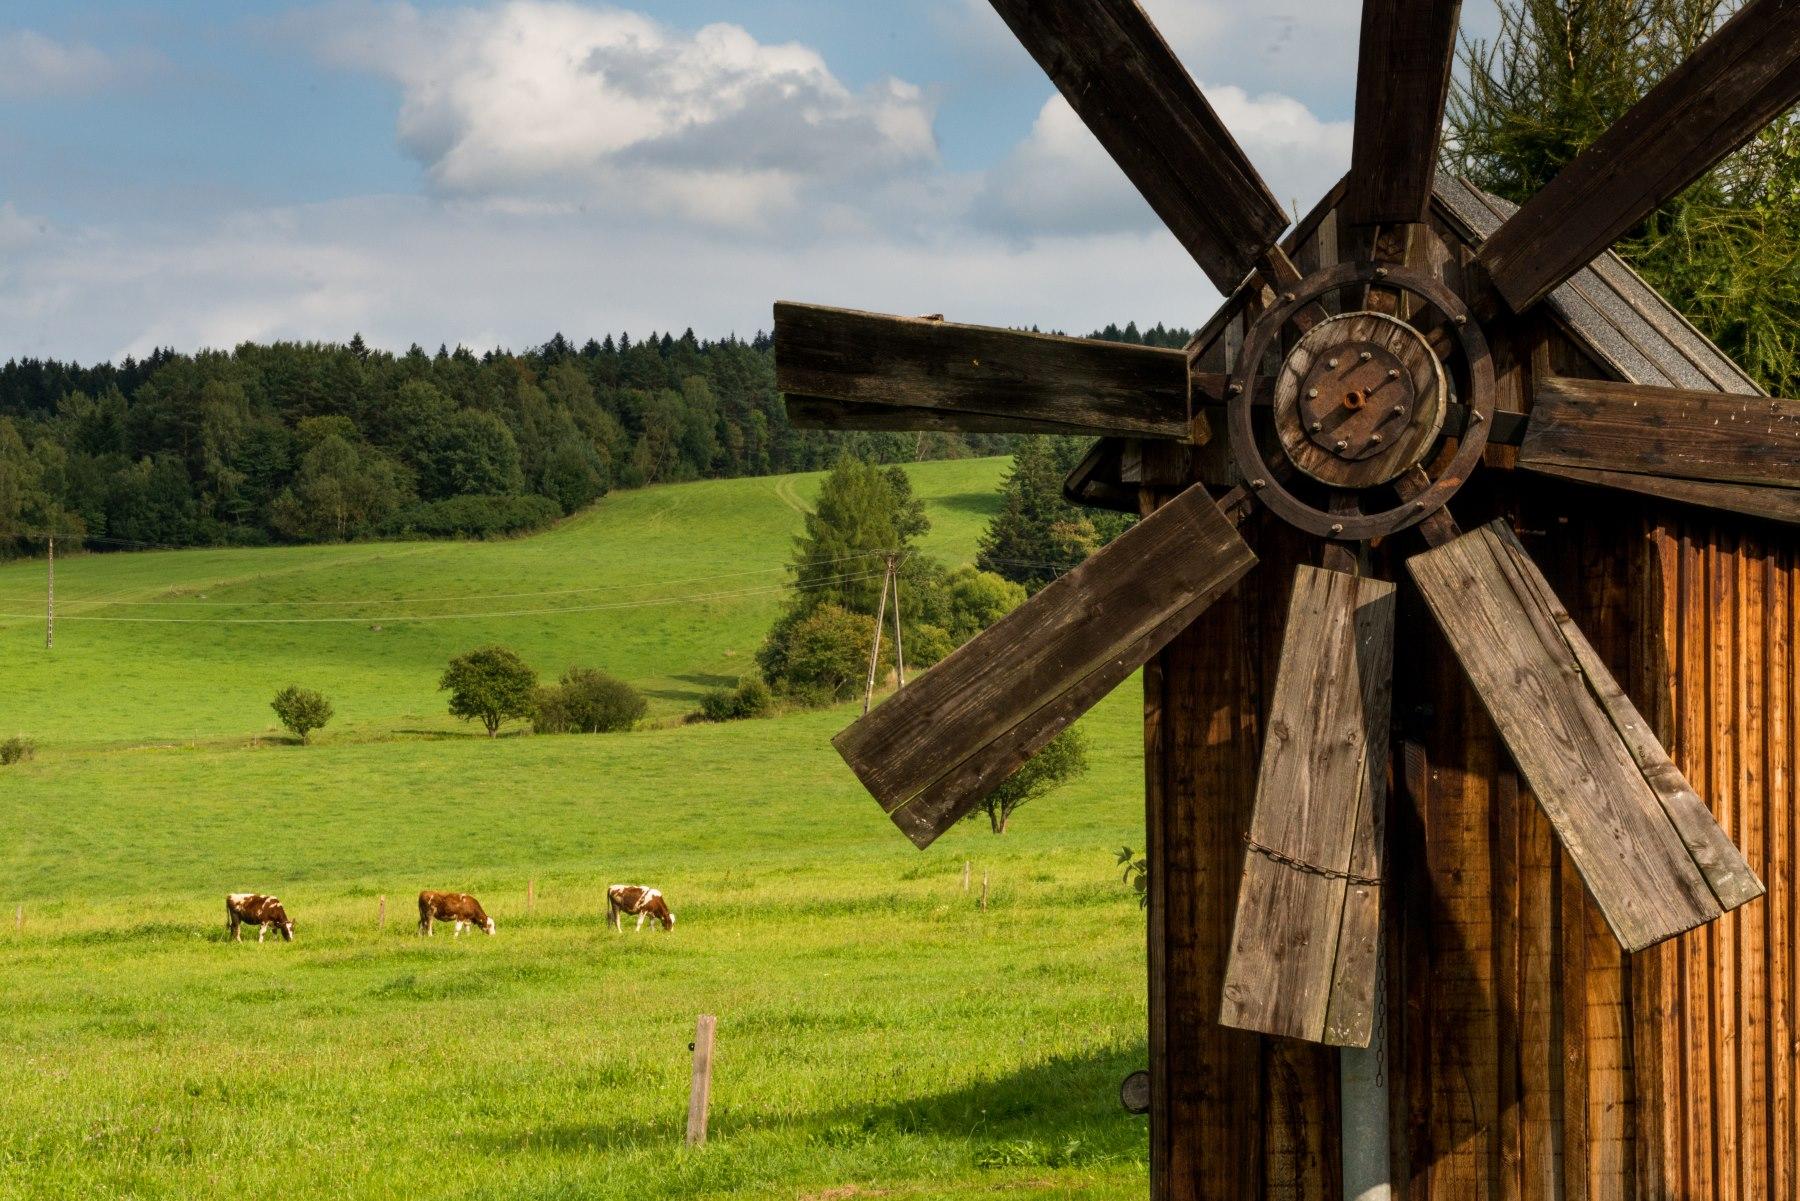 Widok na góry, na pierwszym planie drewniany wiatrak